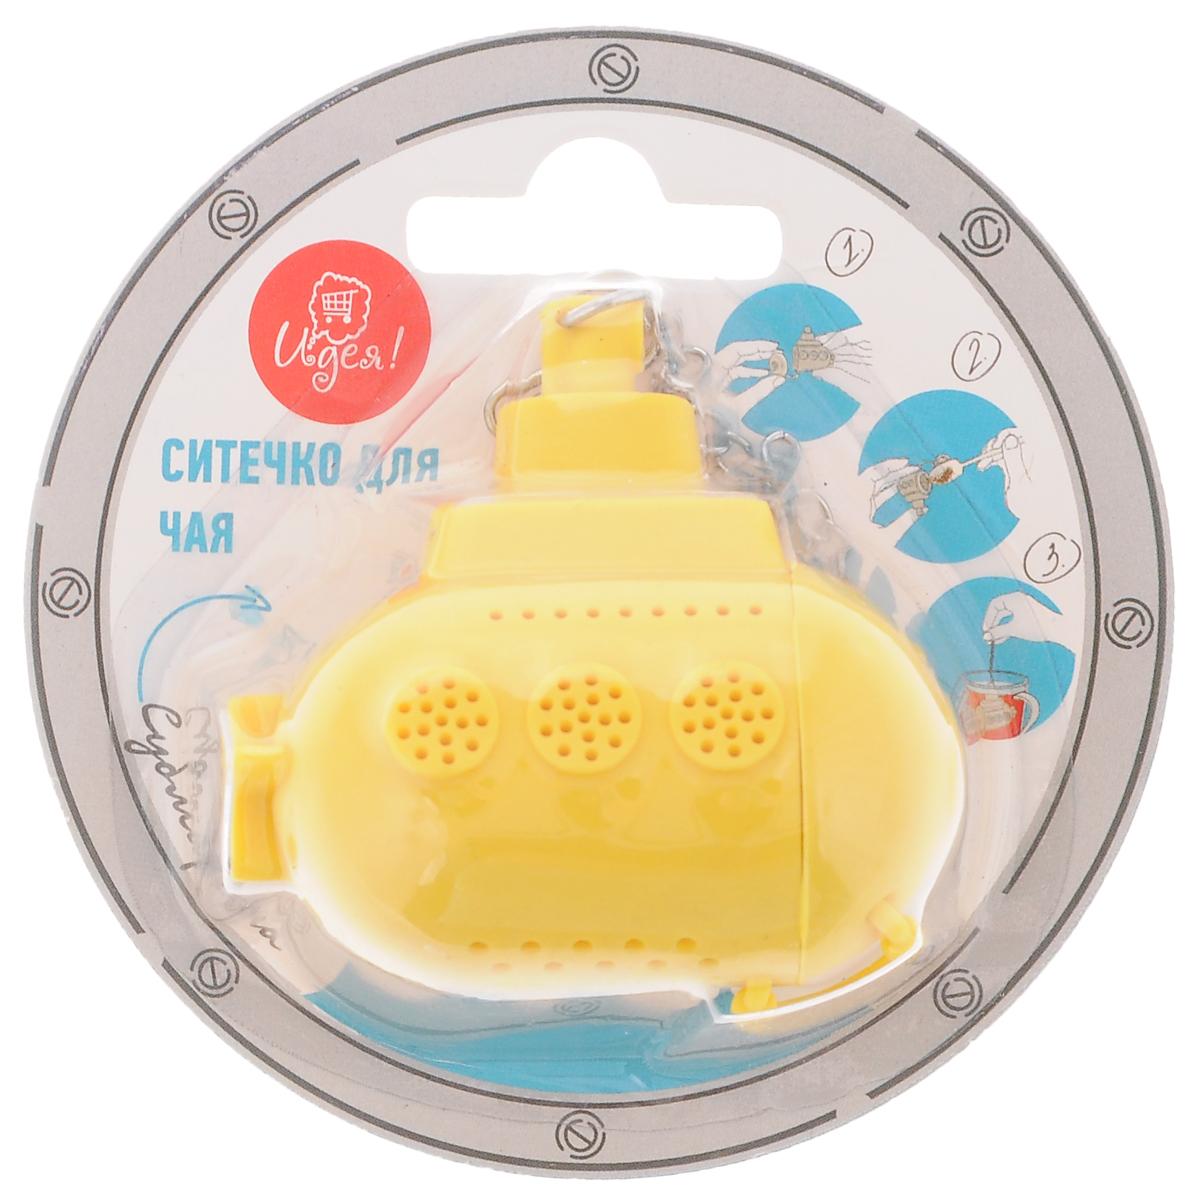 Ситечко для чая Идея Субмарина, цвет: светло-желтыйSBM-01_светло-желтыйСитечко Идея Субмарина прекрасно подходит для заваривания любого вида чая. Изделие выполнено из пищевого силикона в виде подводной лодки. Ситечком очень легко пользоваться. Просто насыпьте заварку внутрь и погрузите субмарину на дно кружки. Изделие снабжено металлической цепочкой с крючком на конце. Забавная и приятная вещица для вашего домашнего чаепития. Не рекомендуется мыть в посудомоечной машине. Размер фигурки: 6 см х 5,5 см х 3 см.